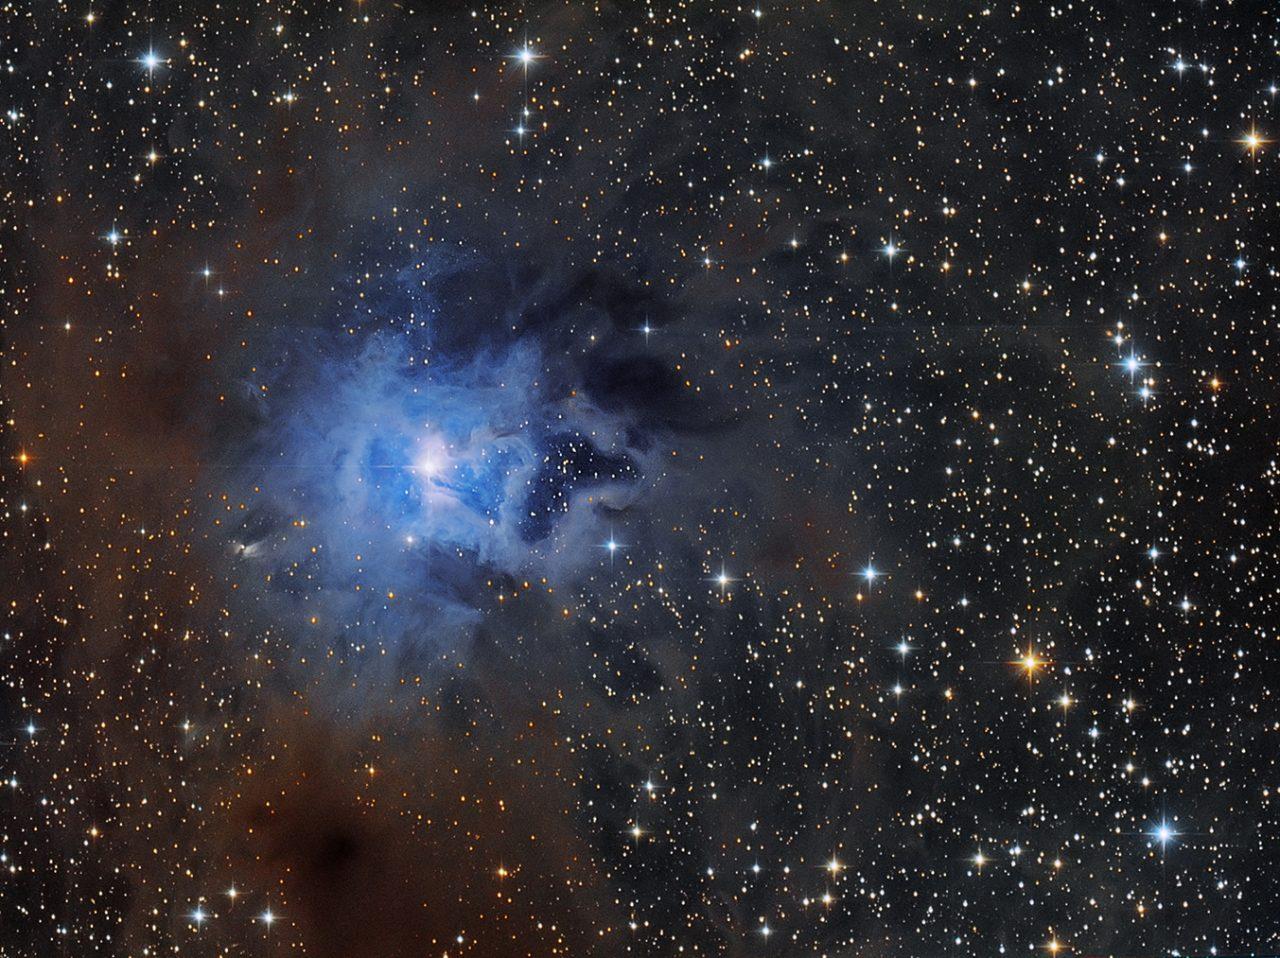 NGC 7023-Iris Nebula, von Paul Schuberth